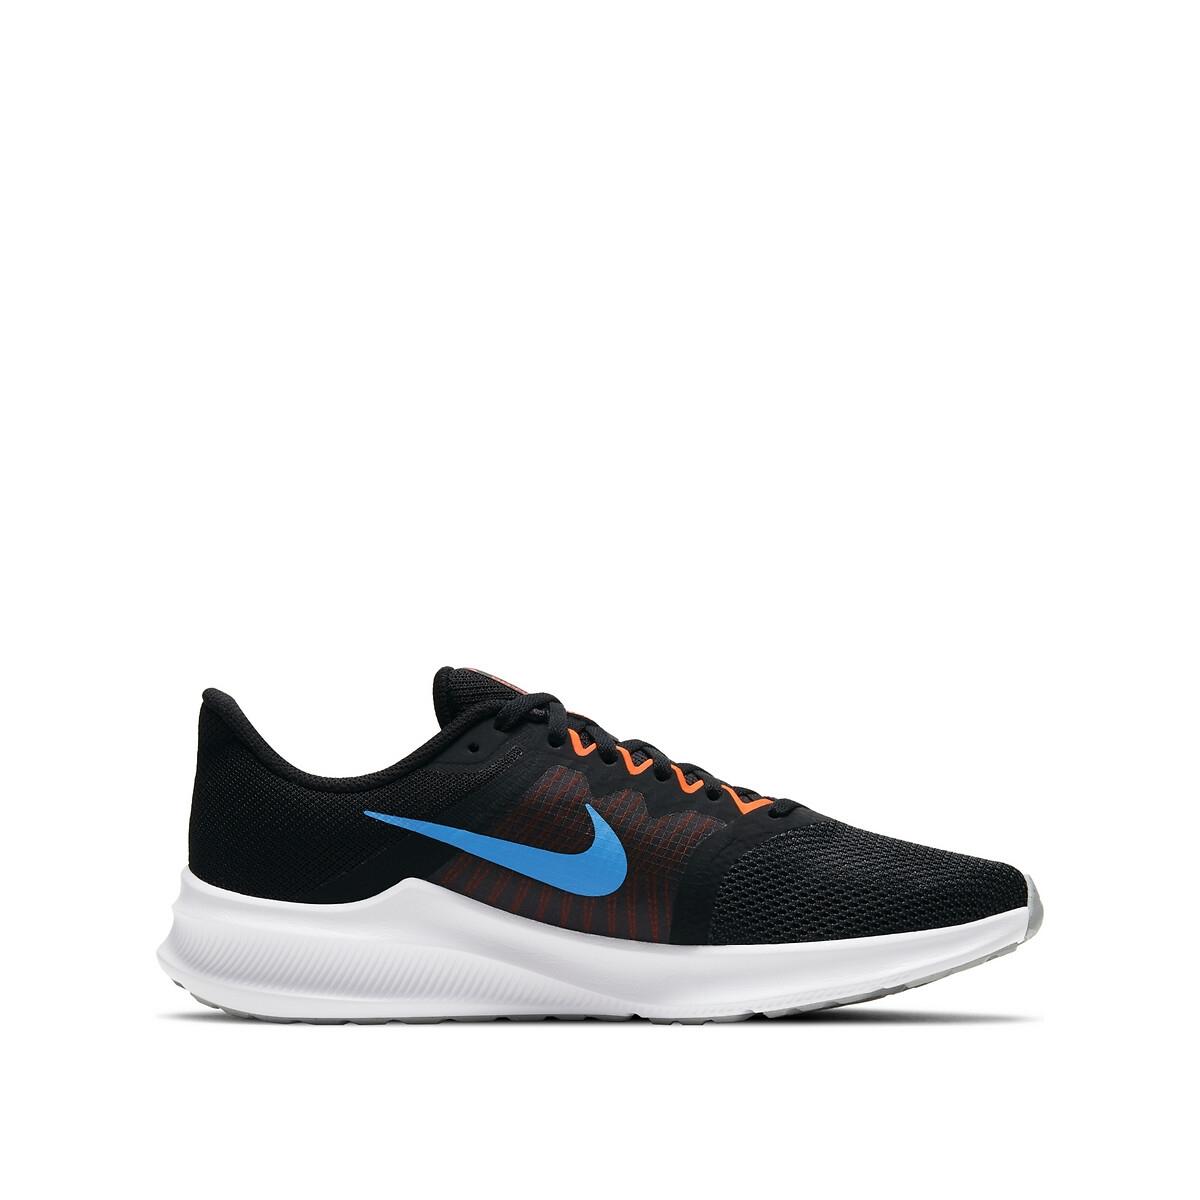 Nike Downshifter 9 Heren Black/Total Orange/Dark Smoke Grey/Coast Heren online kopen